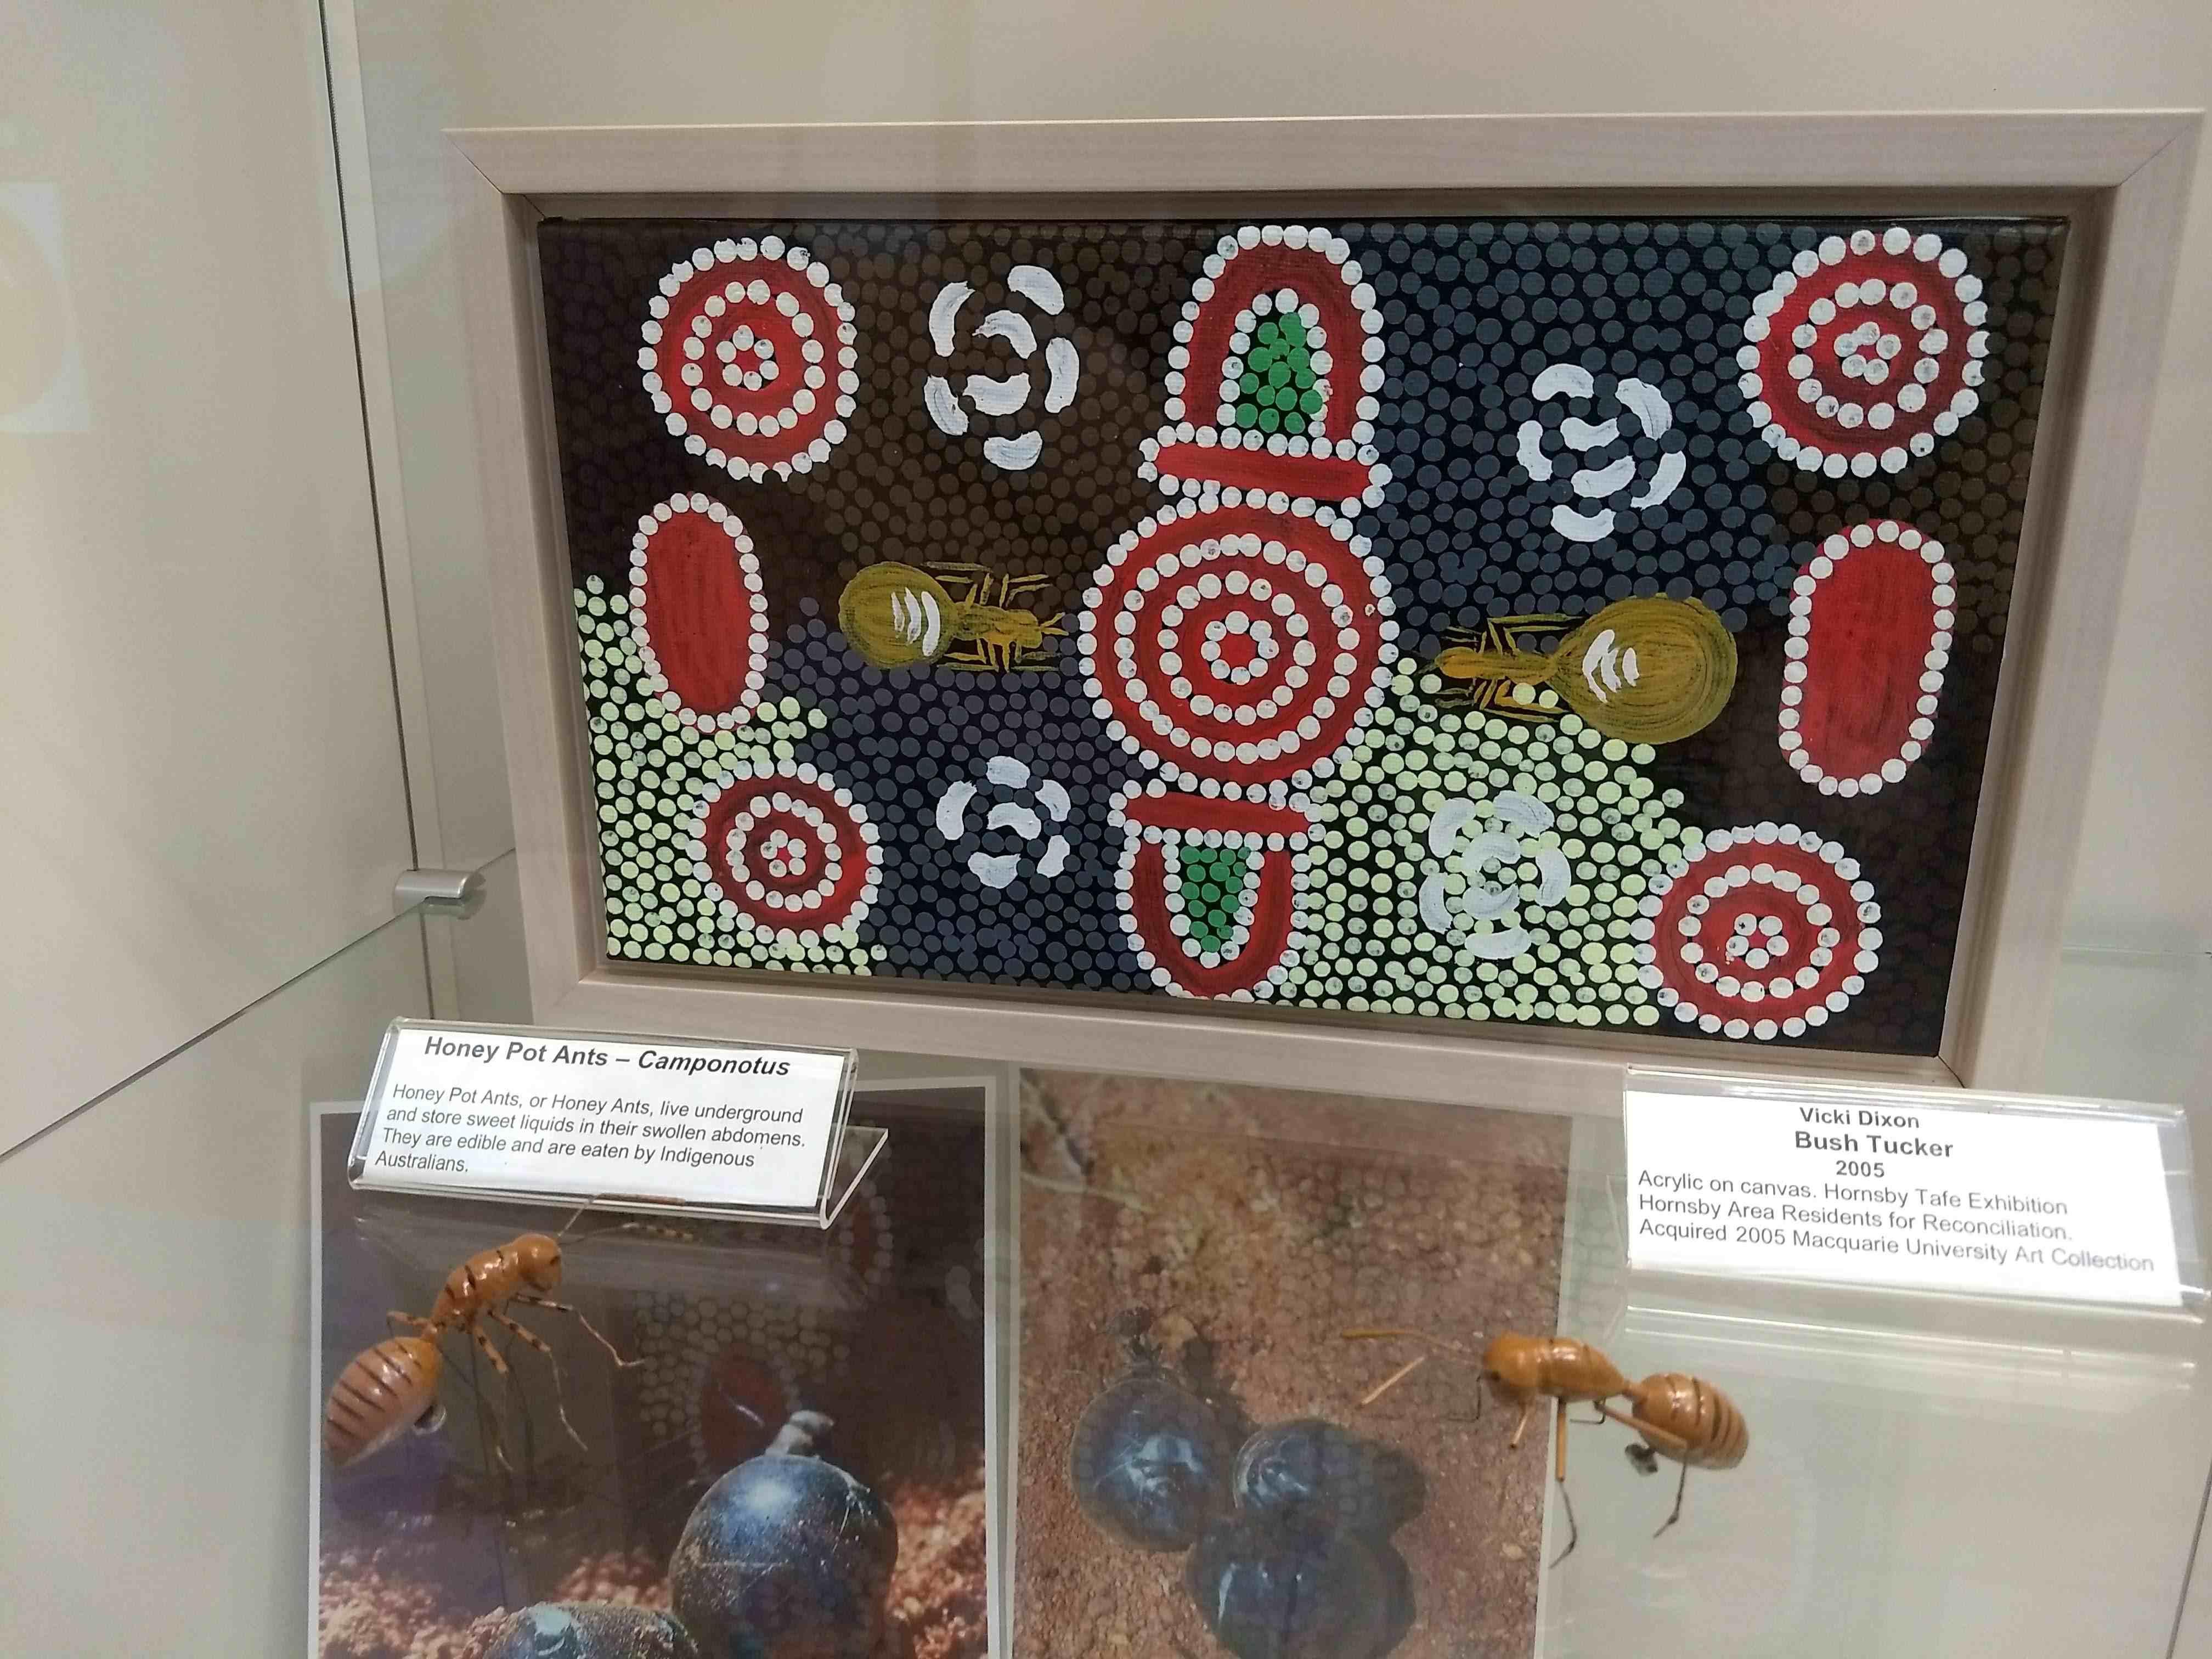 honeypot ant university art